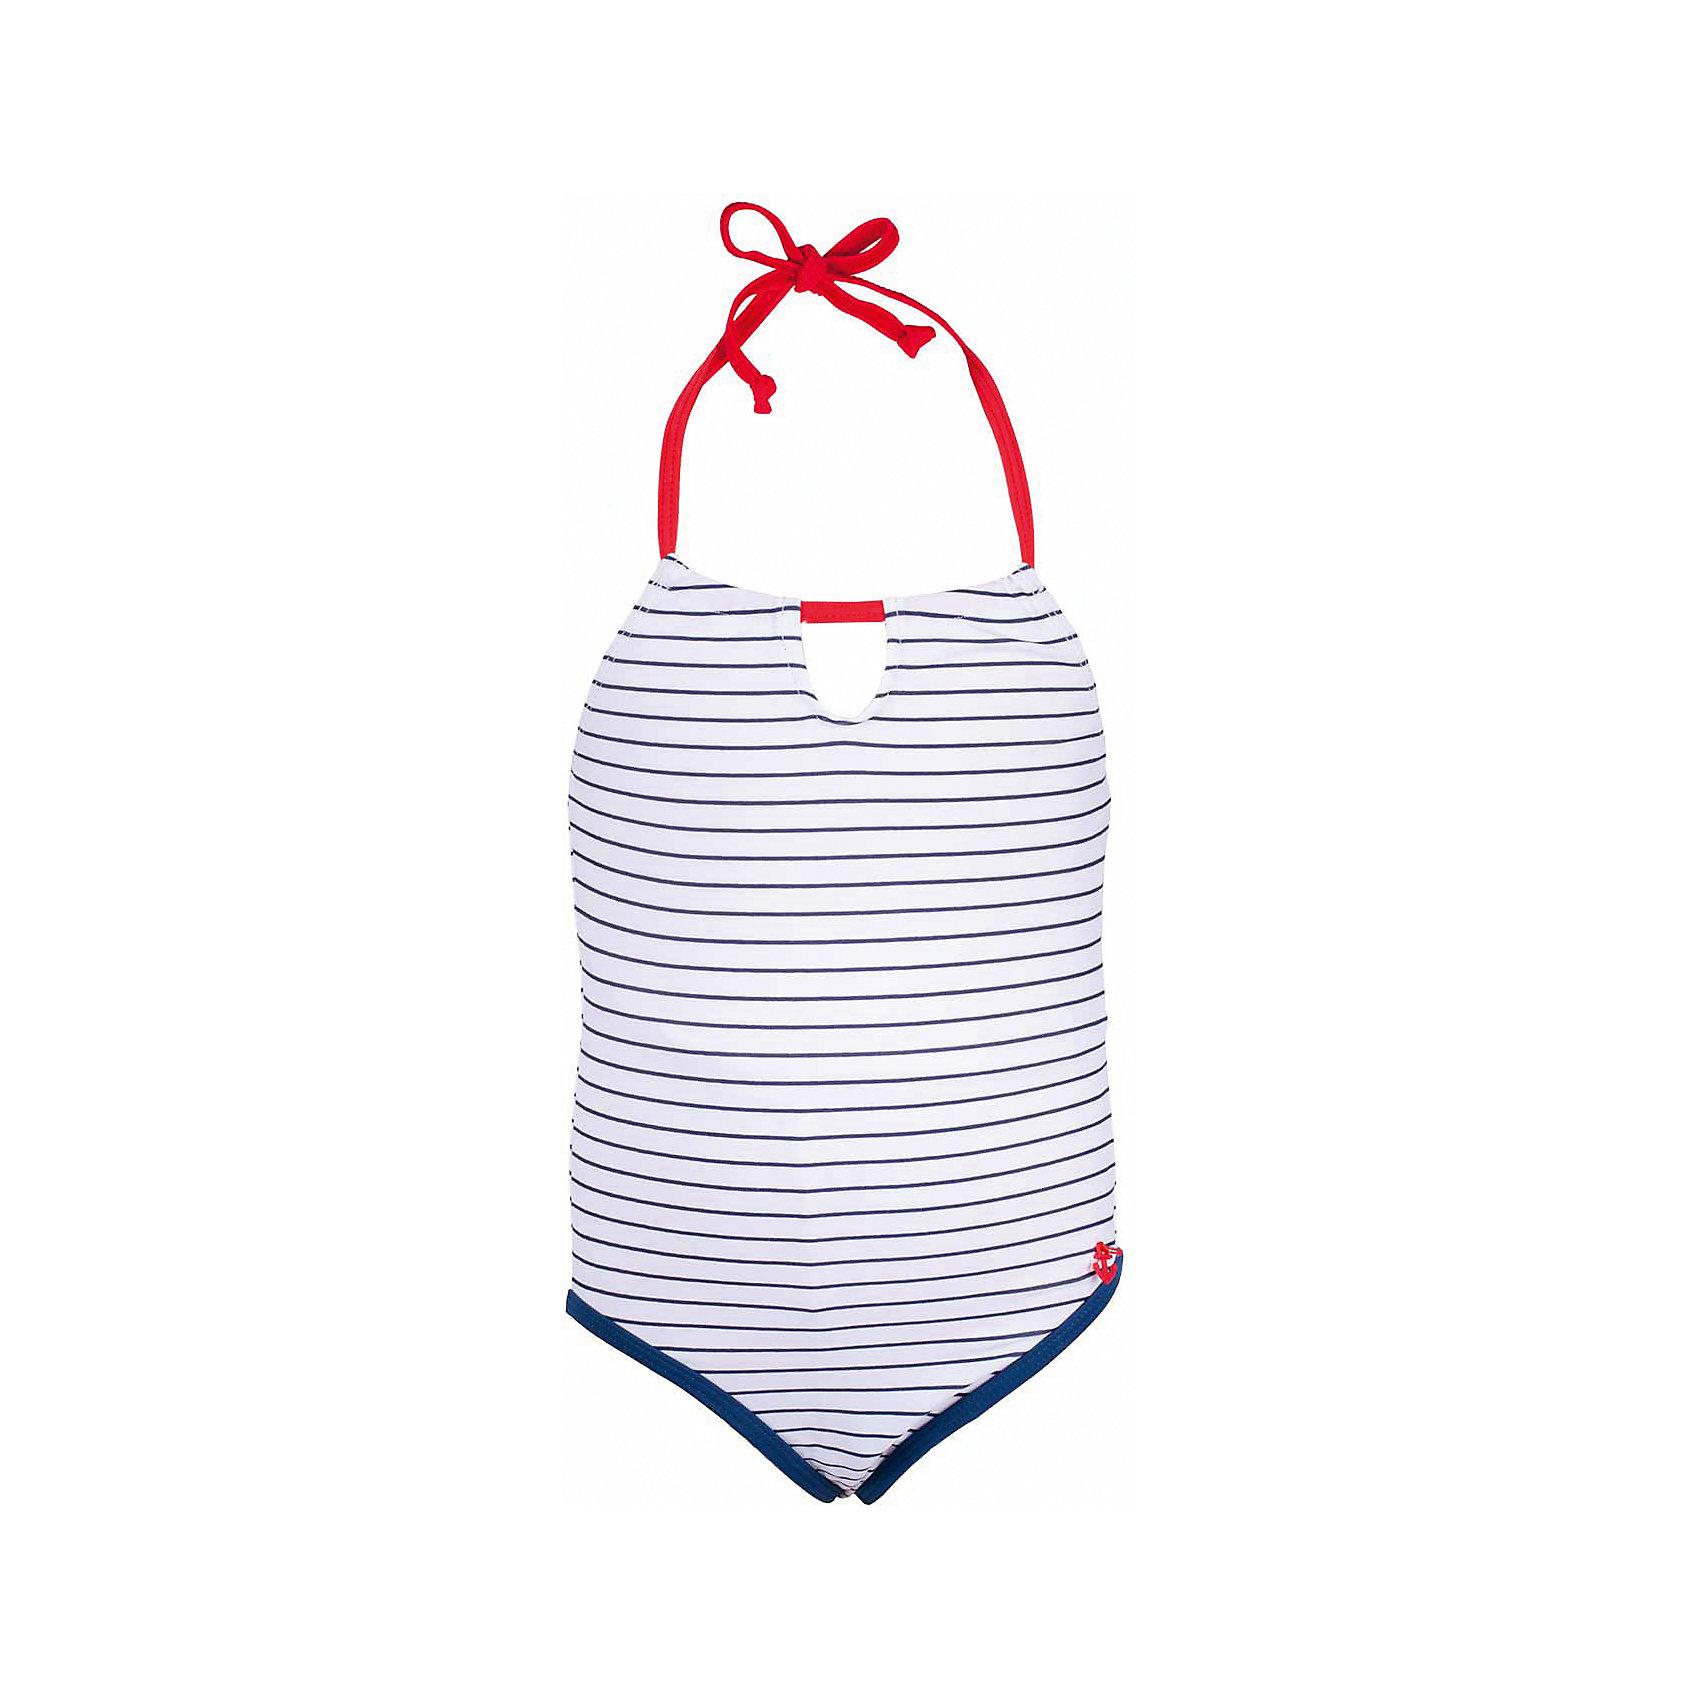 Купальник для девочки  BUTTON BLUEКупальники и плавки<br>Купальник для девочки  BUTTON BLUE<br>Яркий купальник в полоску - лучший вариант для отдыха у воды. Купить красивый слитный купальник, значит, подарить девочке отличное настроение на весь пляжный сезон.<br>Состав:<br>83% полиамид 17% эластан; подклад: 100%  полиэстер<br><br>Ширина мм: 183<br>Глубина мм: 60<br>Высота мм: 135<br>Вес г: 119<br>Цвет: разноцветный<br>Возраст от месяцев: 24<br>Возраст до месяцев: 36<br>Пол: Женский<br>Возраст: Детский<br>Размер: 98,152,140,128,116,104<br>SKU: 5523724